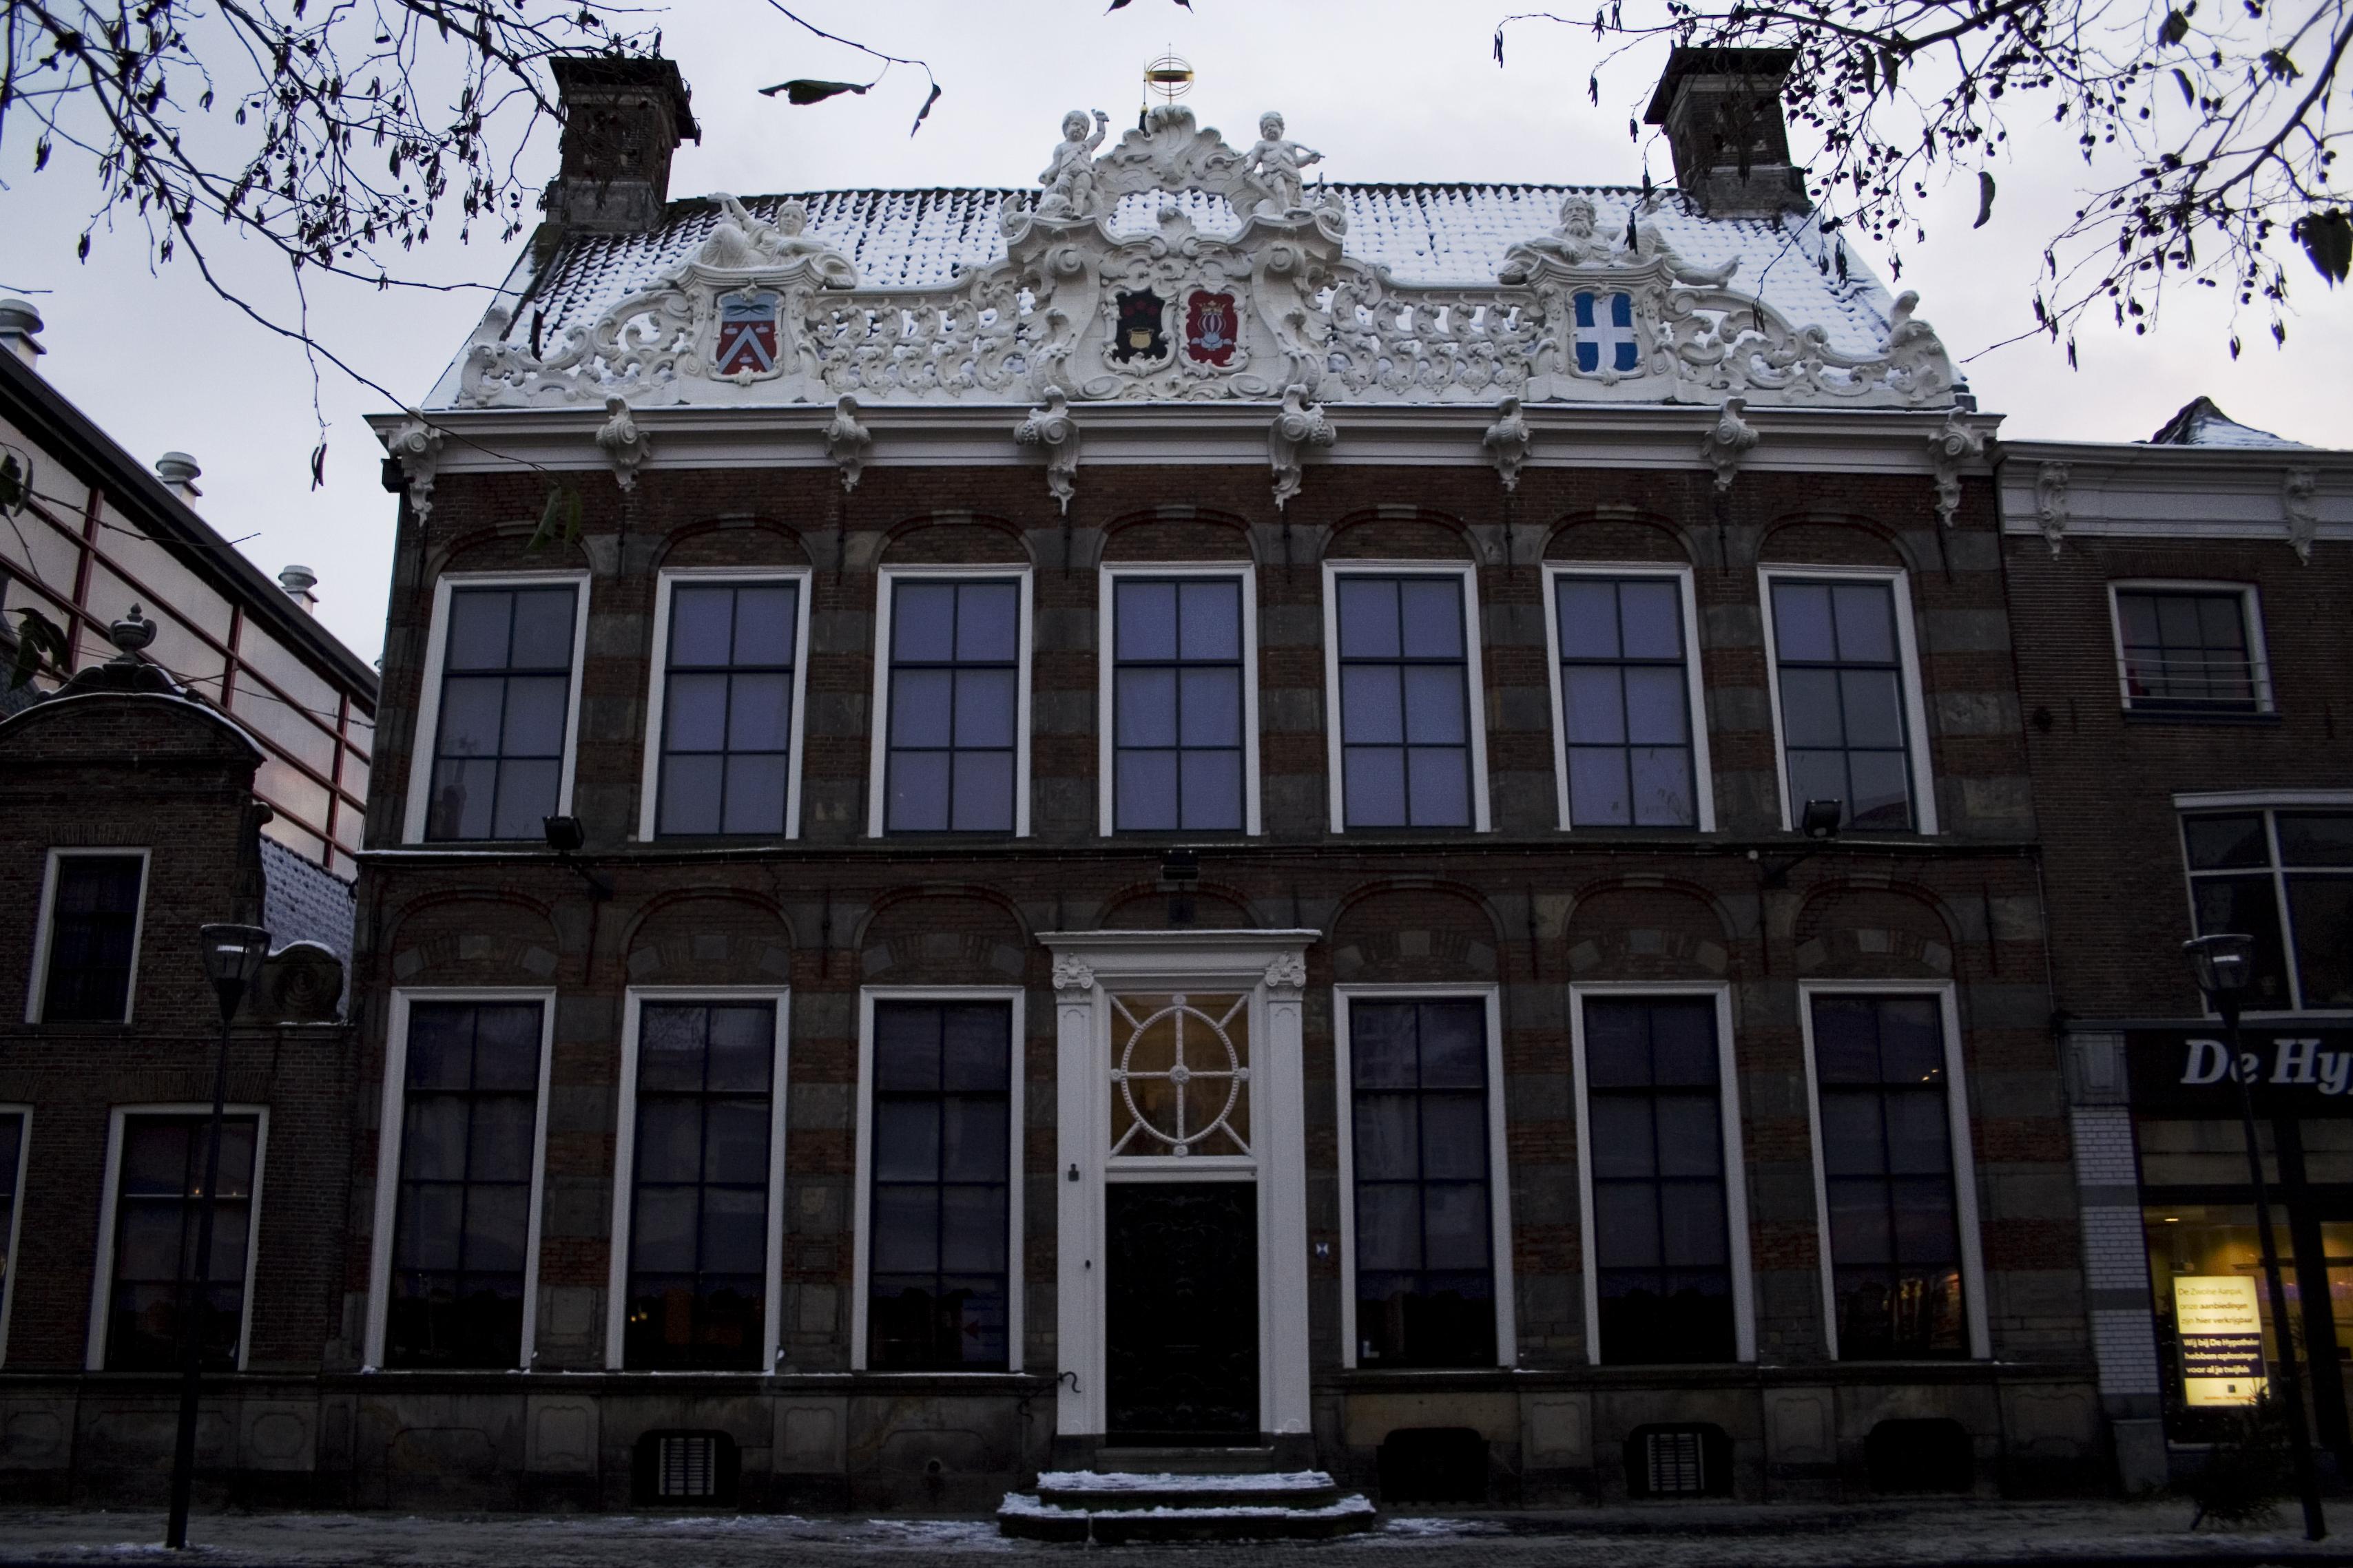 Drostenhuis sinds 1905 stedelijk museum in zwolle monument - Huizen van de wereldbank ...